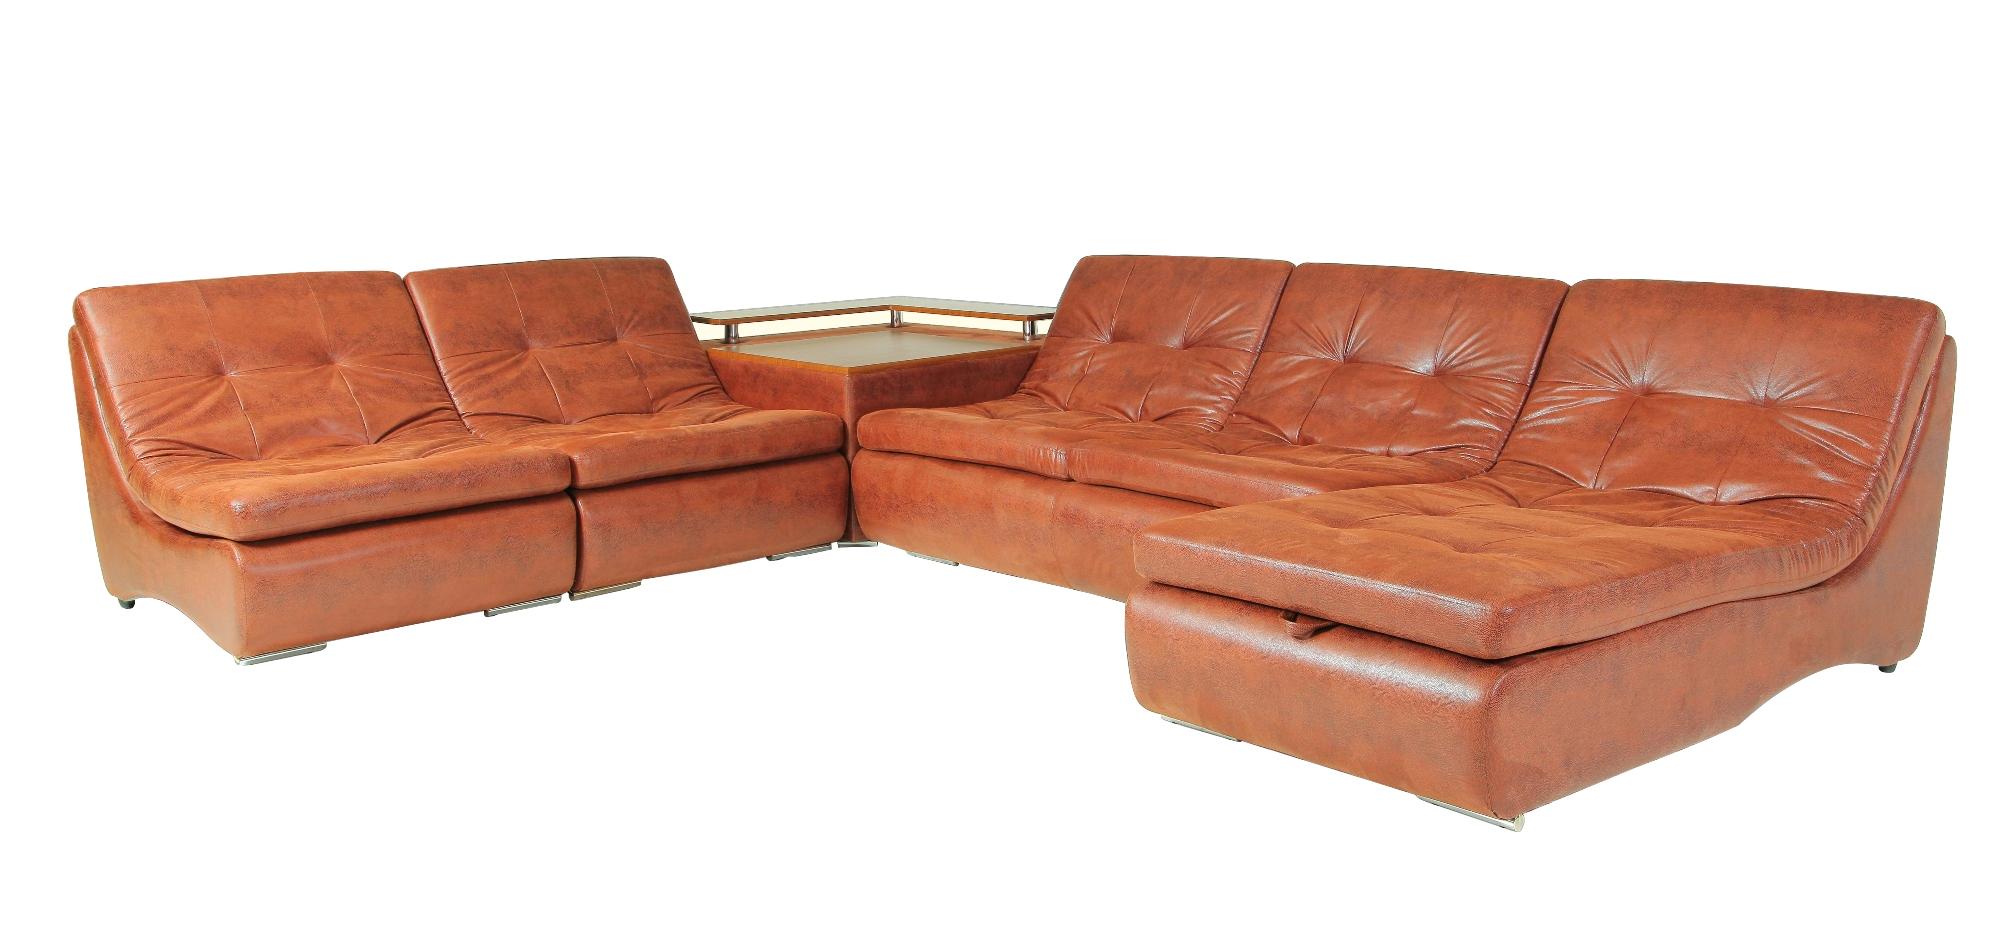 Угловой модульный диван Монреаль-5 фото